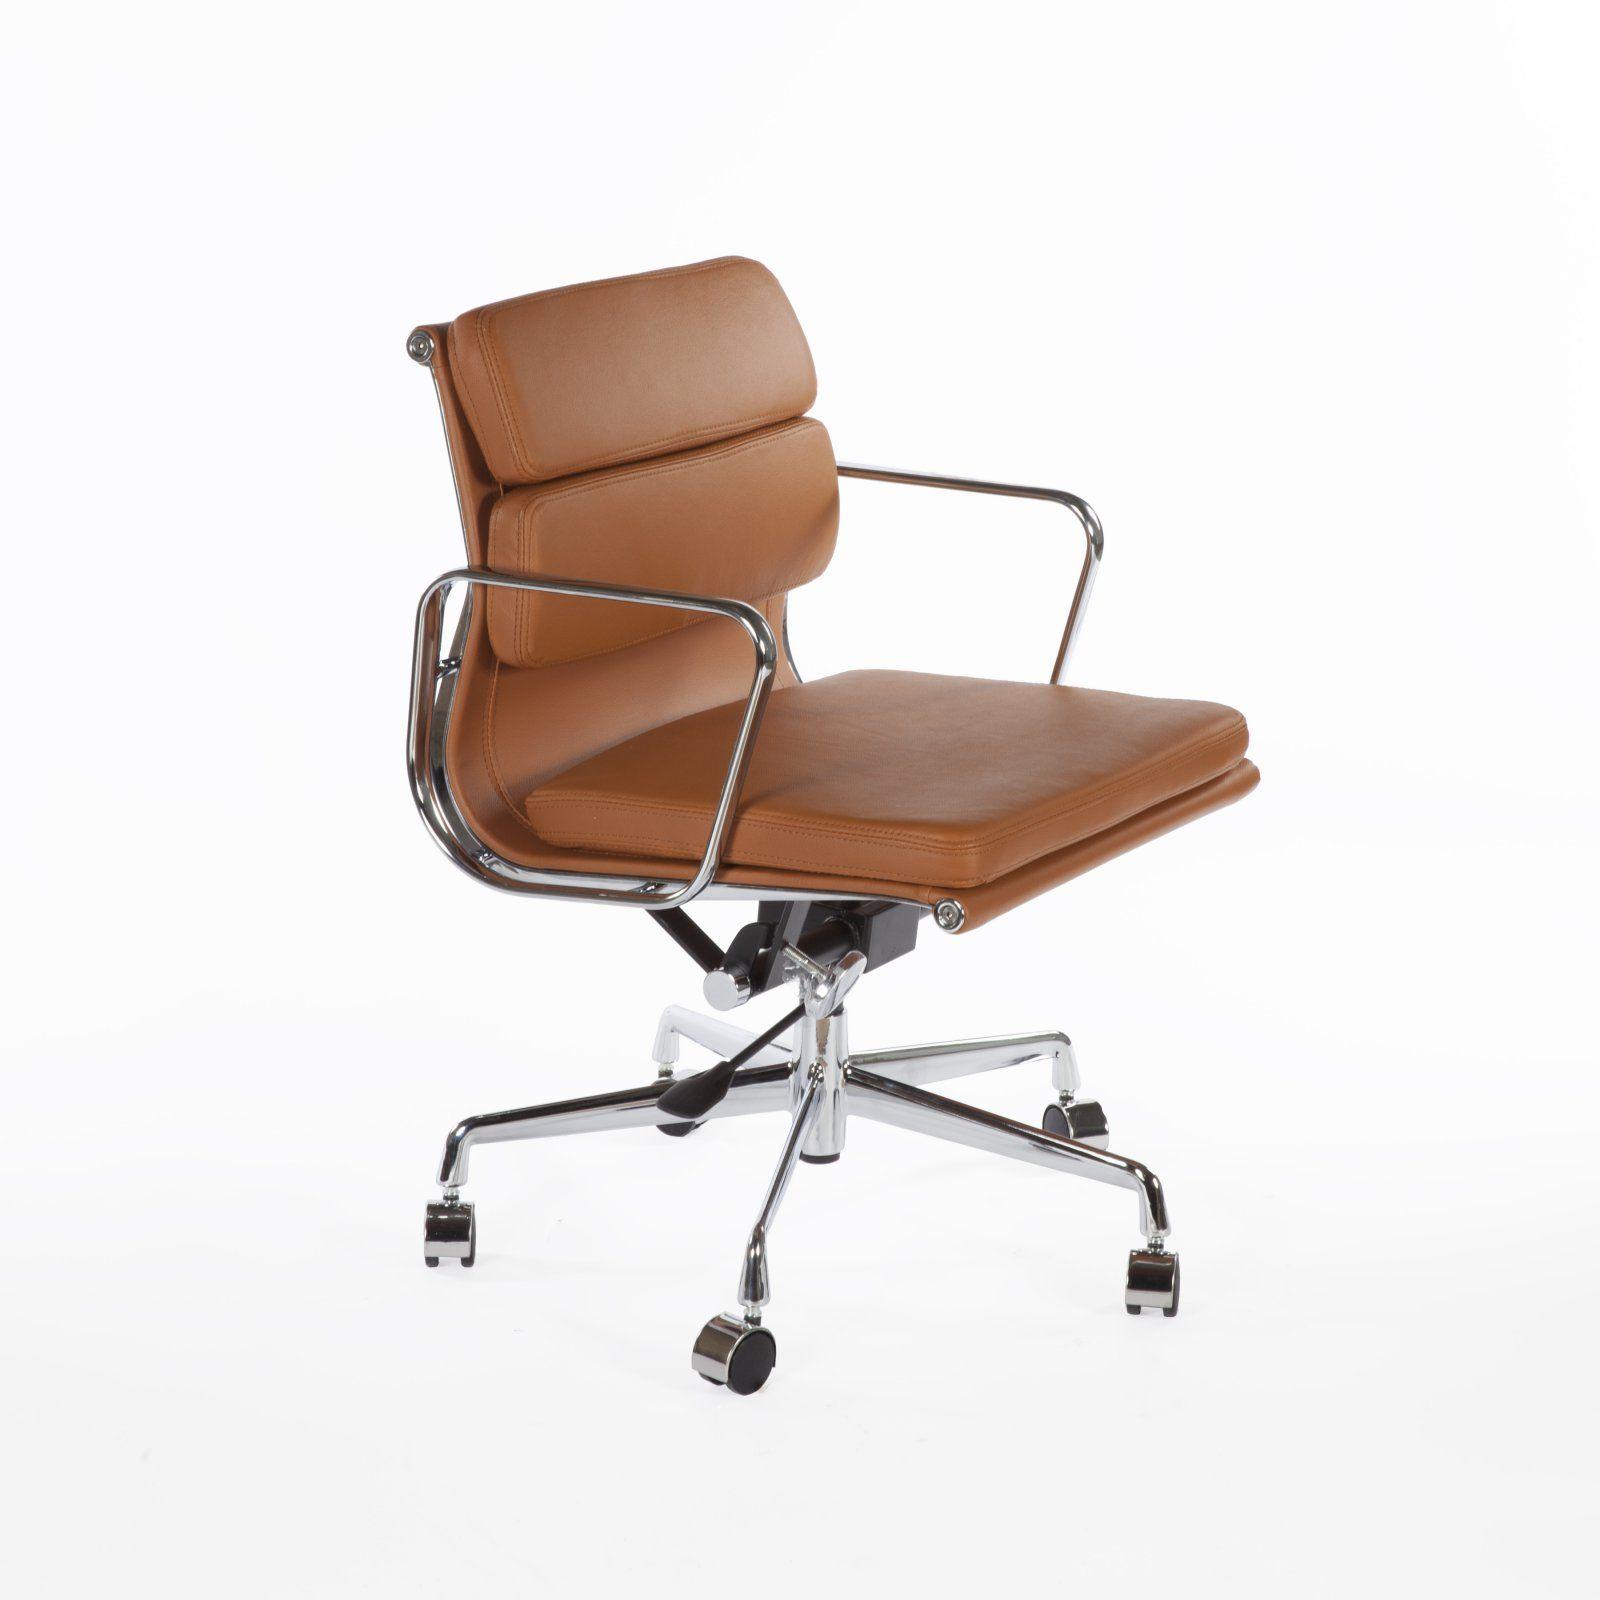 Stilnovo Professional Split Leather Padded Office Swivel Desk